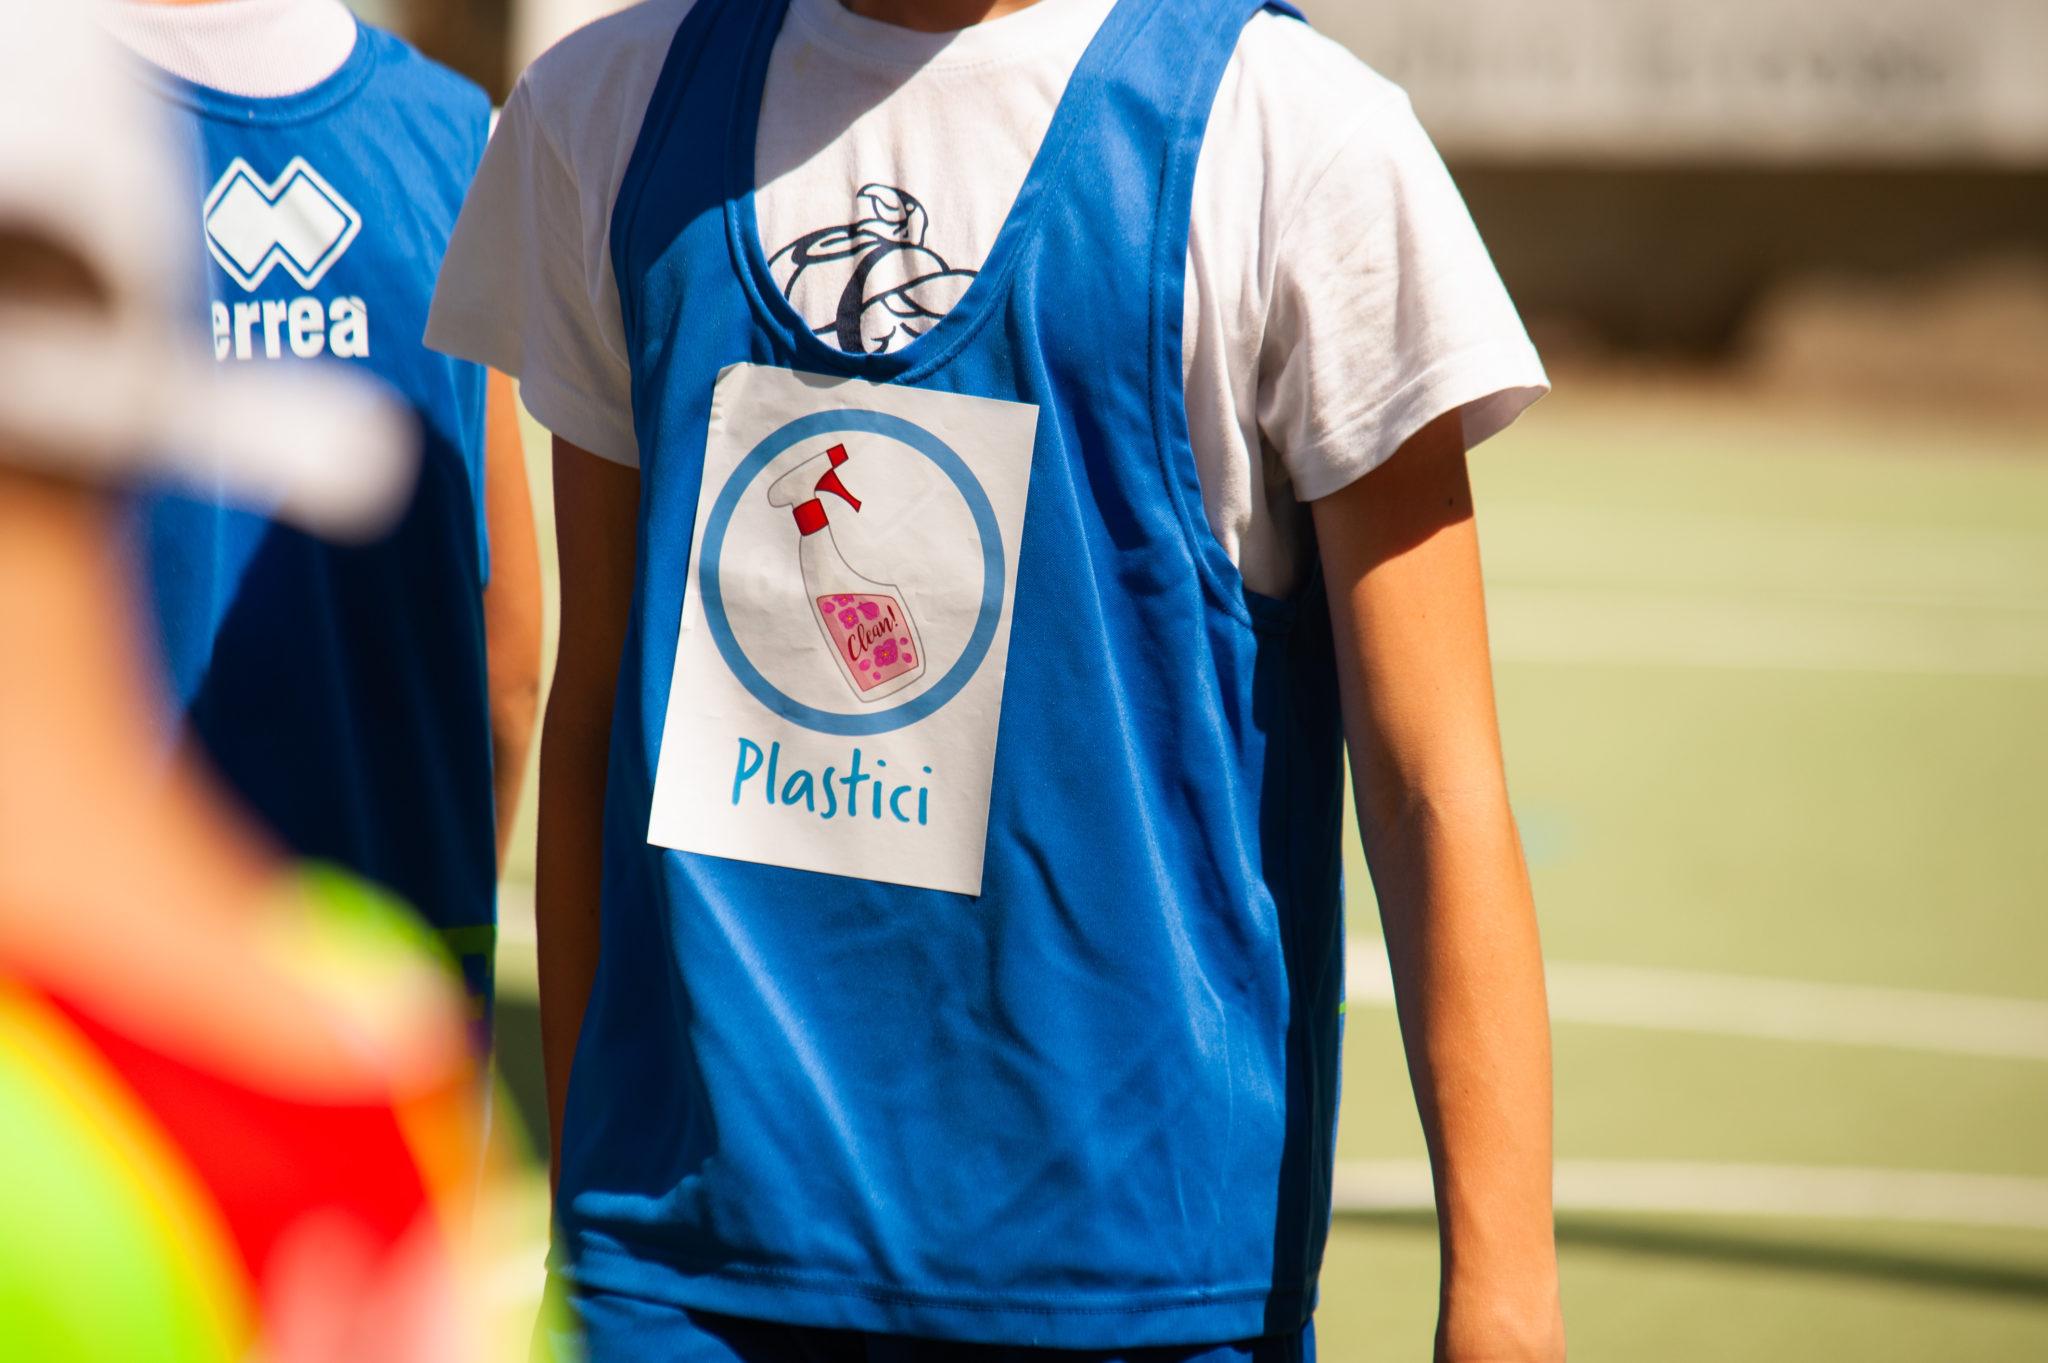 Giochi a squadre Dife